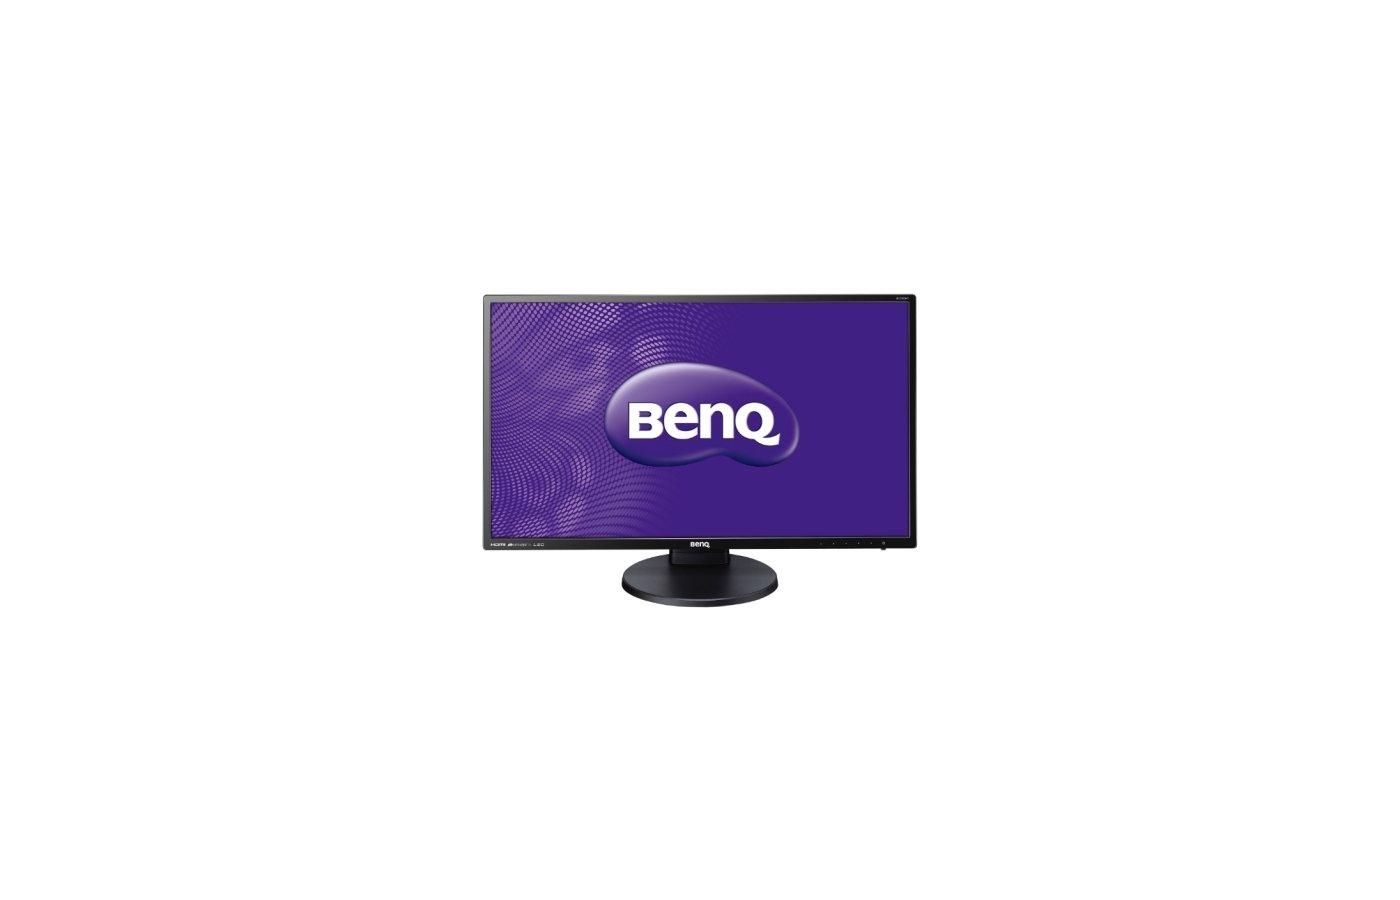 """ЖК-монитор более 24"""" Benq BL2700HT black /9H.LCSLB.QBE/"""